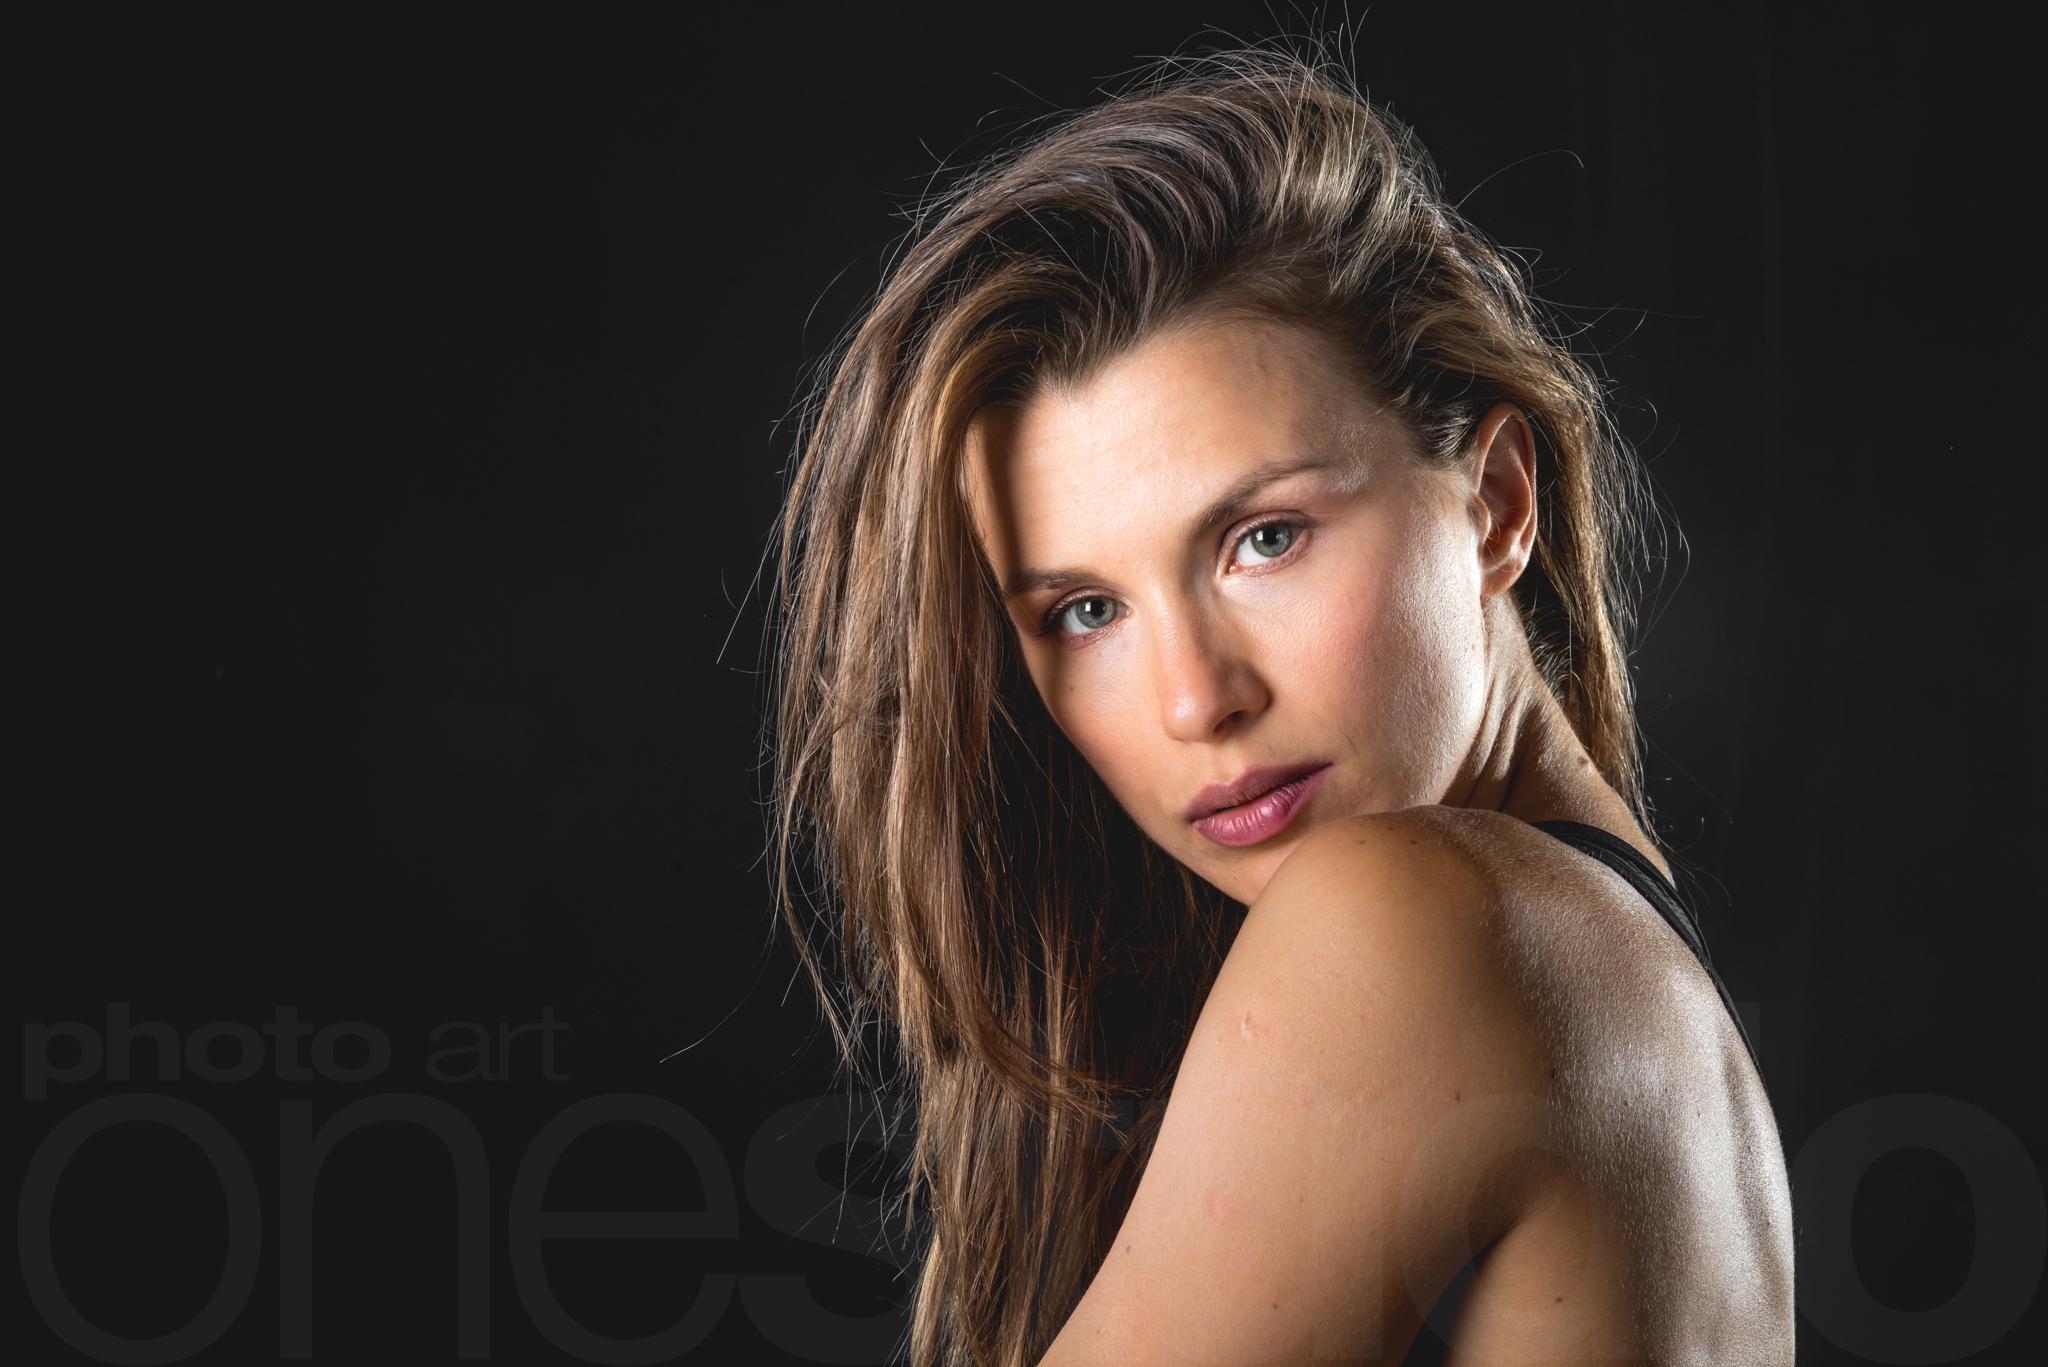 http://lnx.mirkone.it/wp-content/uploads/2015/01/mirk_ONE-portrait00021.jpg